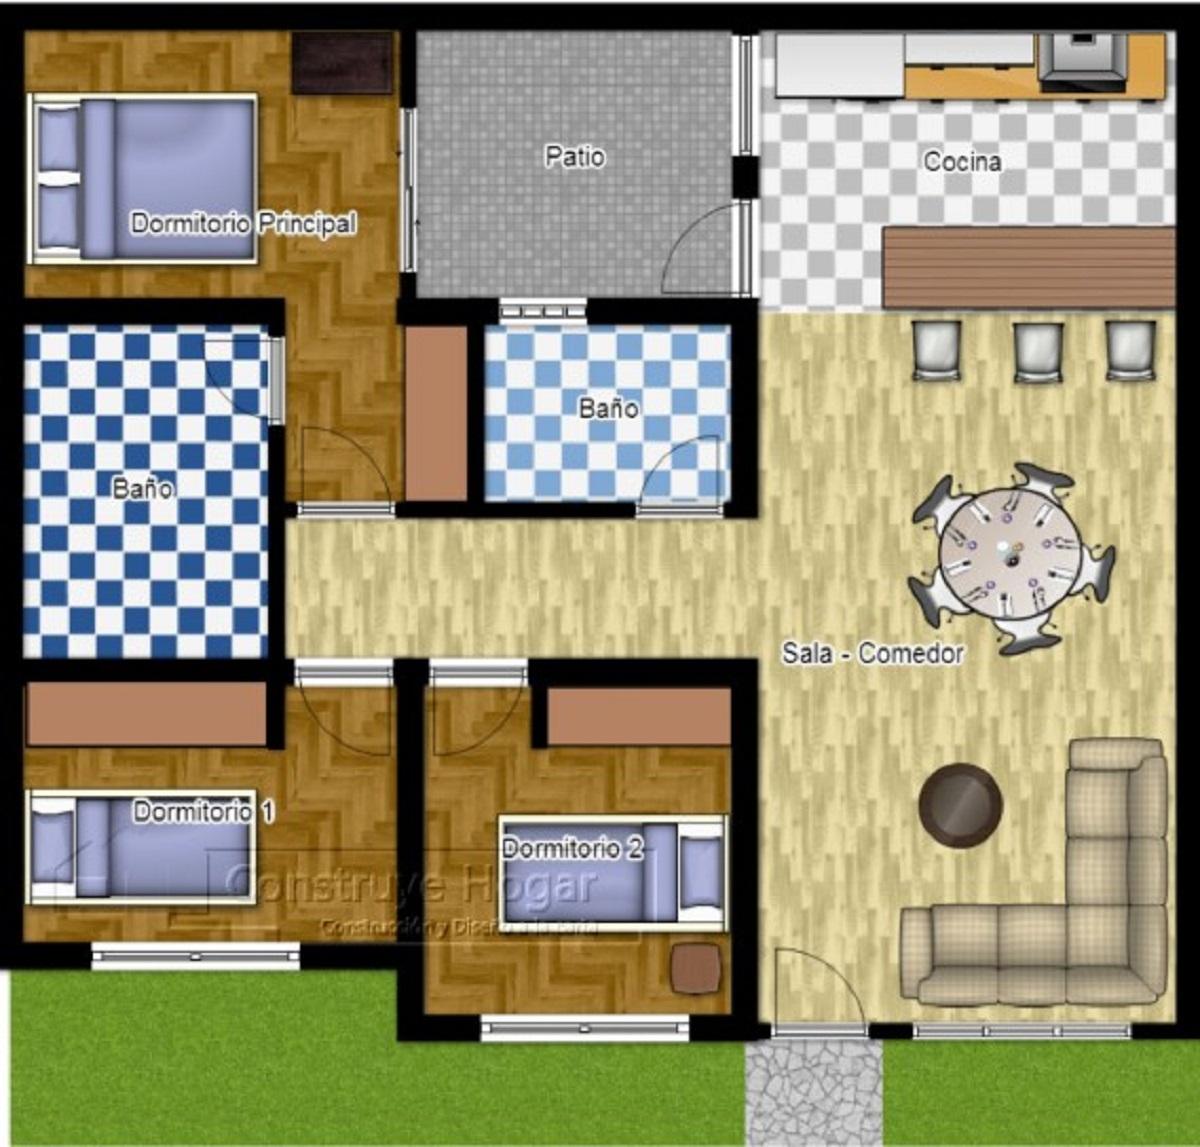 Gambar Denah Rumah 3 Kamar Tidur